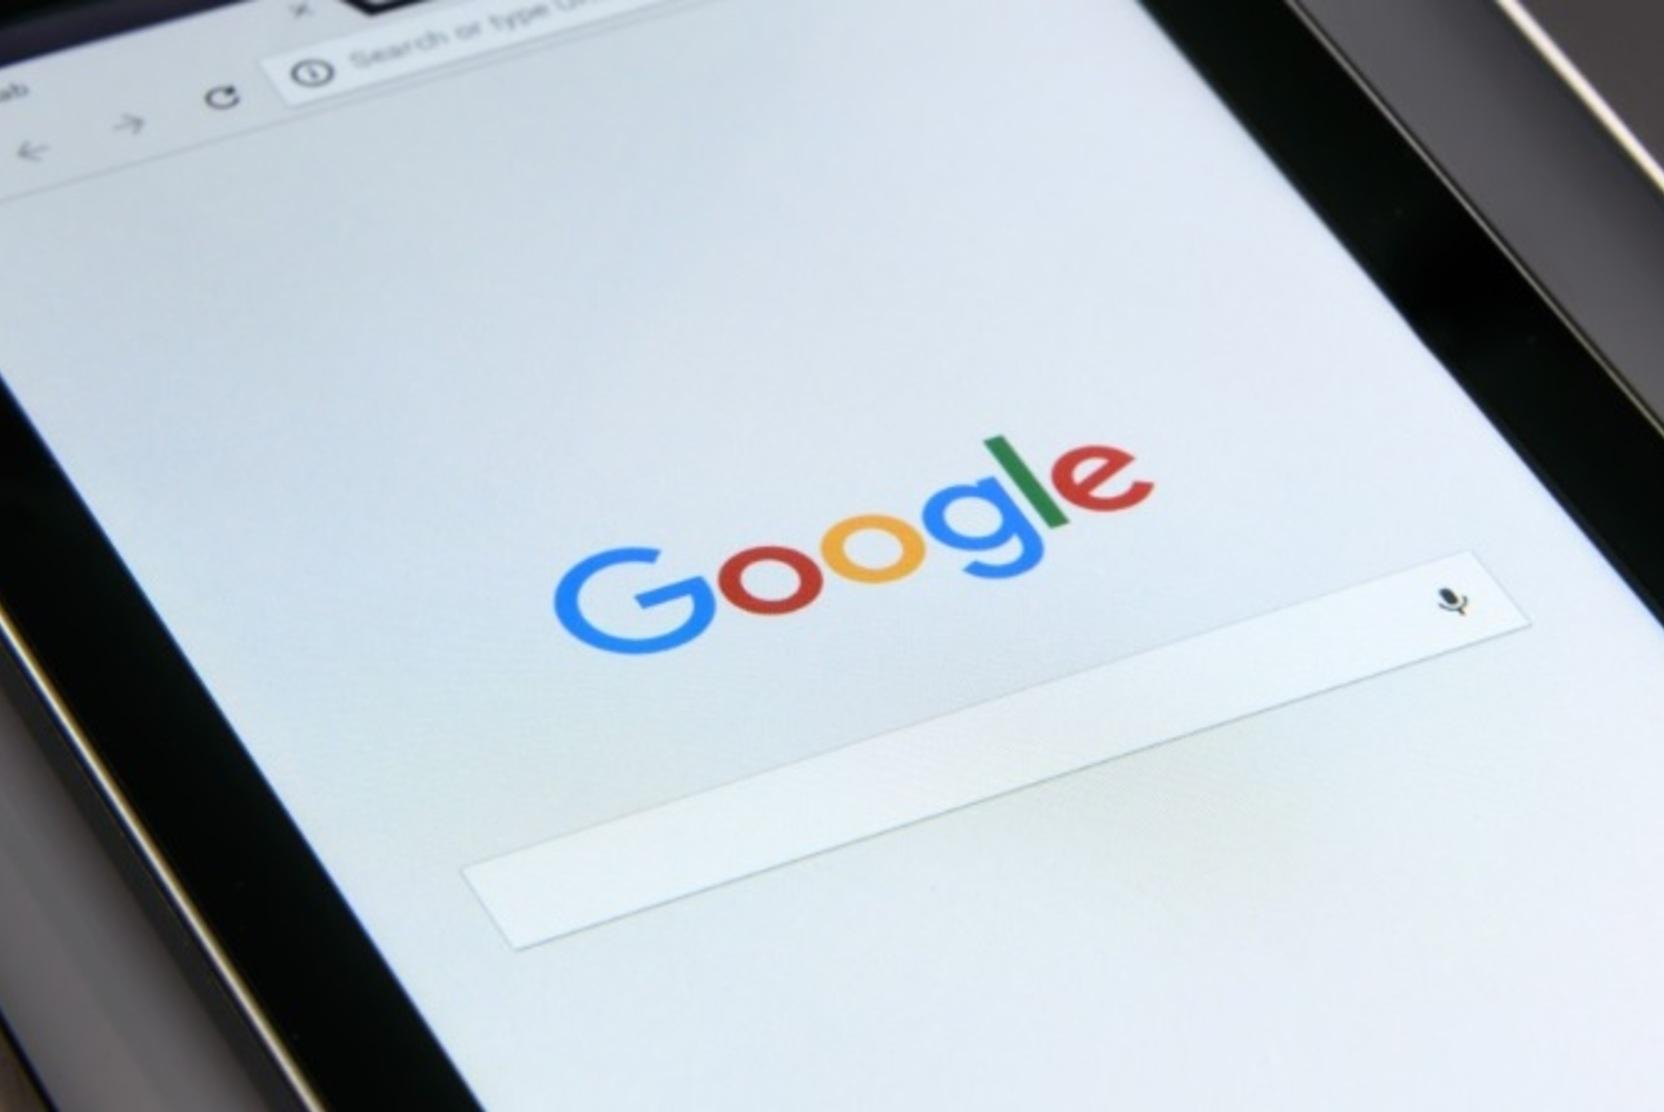 Роскомнадзор обратился к Google с требованием разблокировать приложение «Улица Героев»